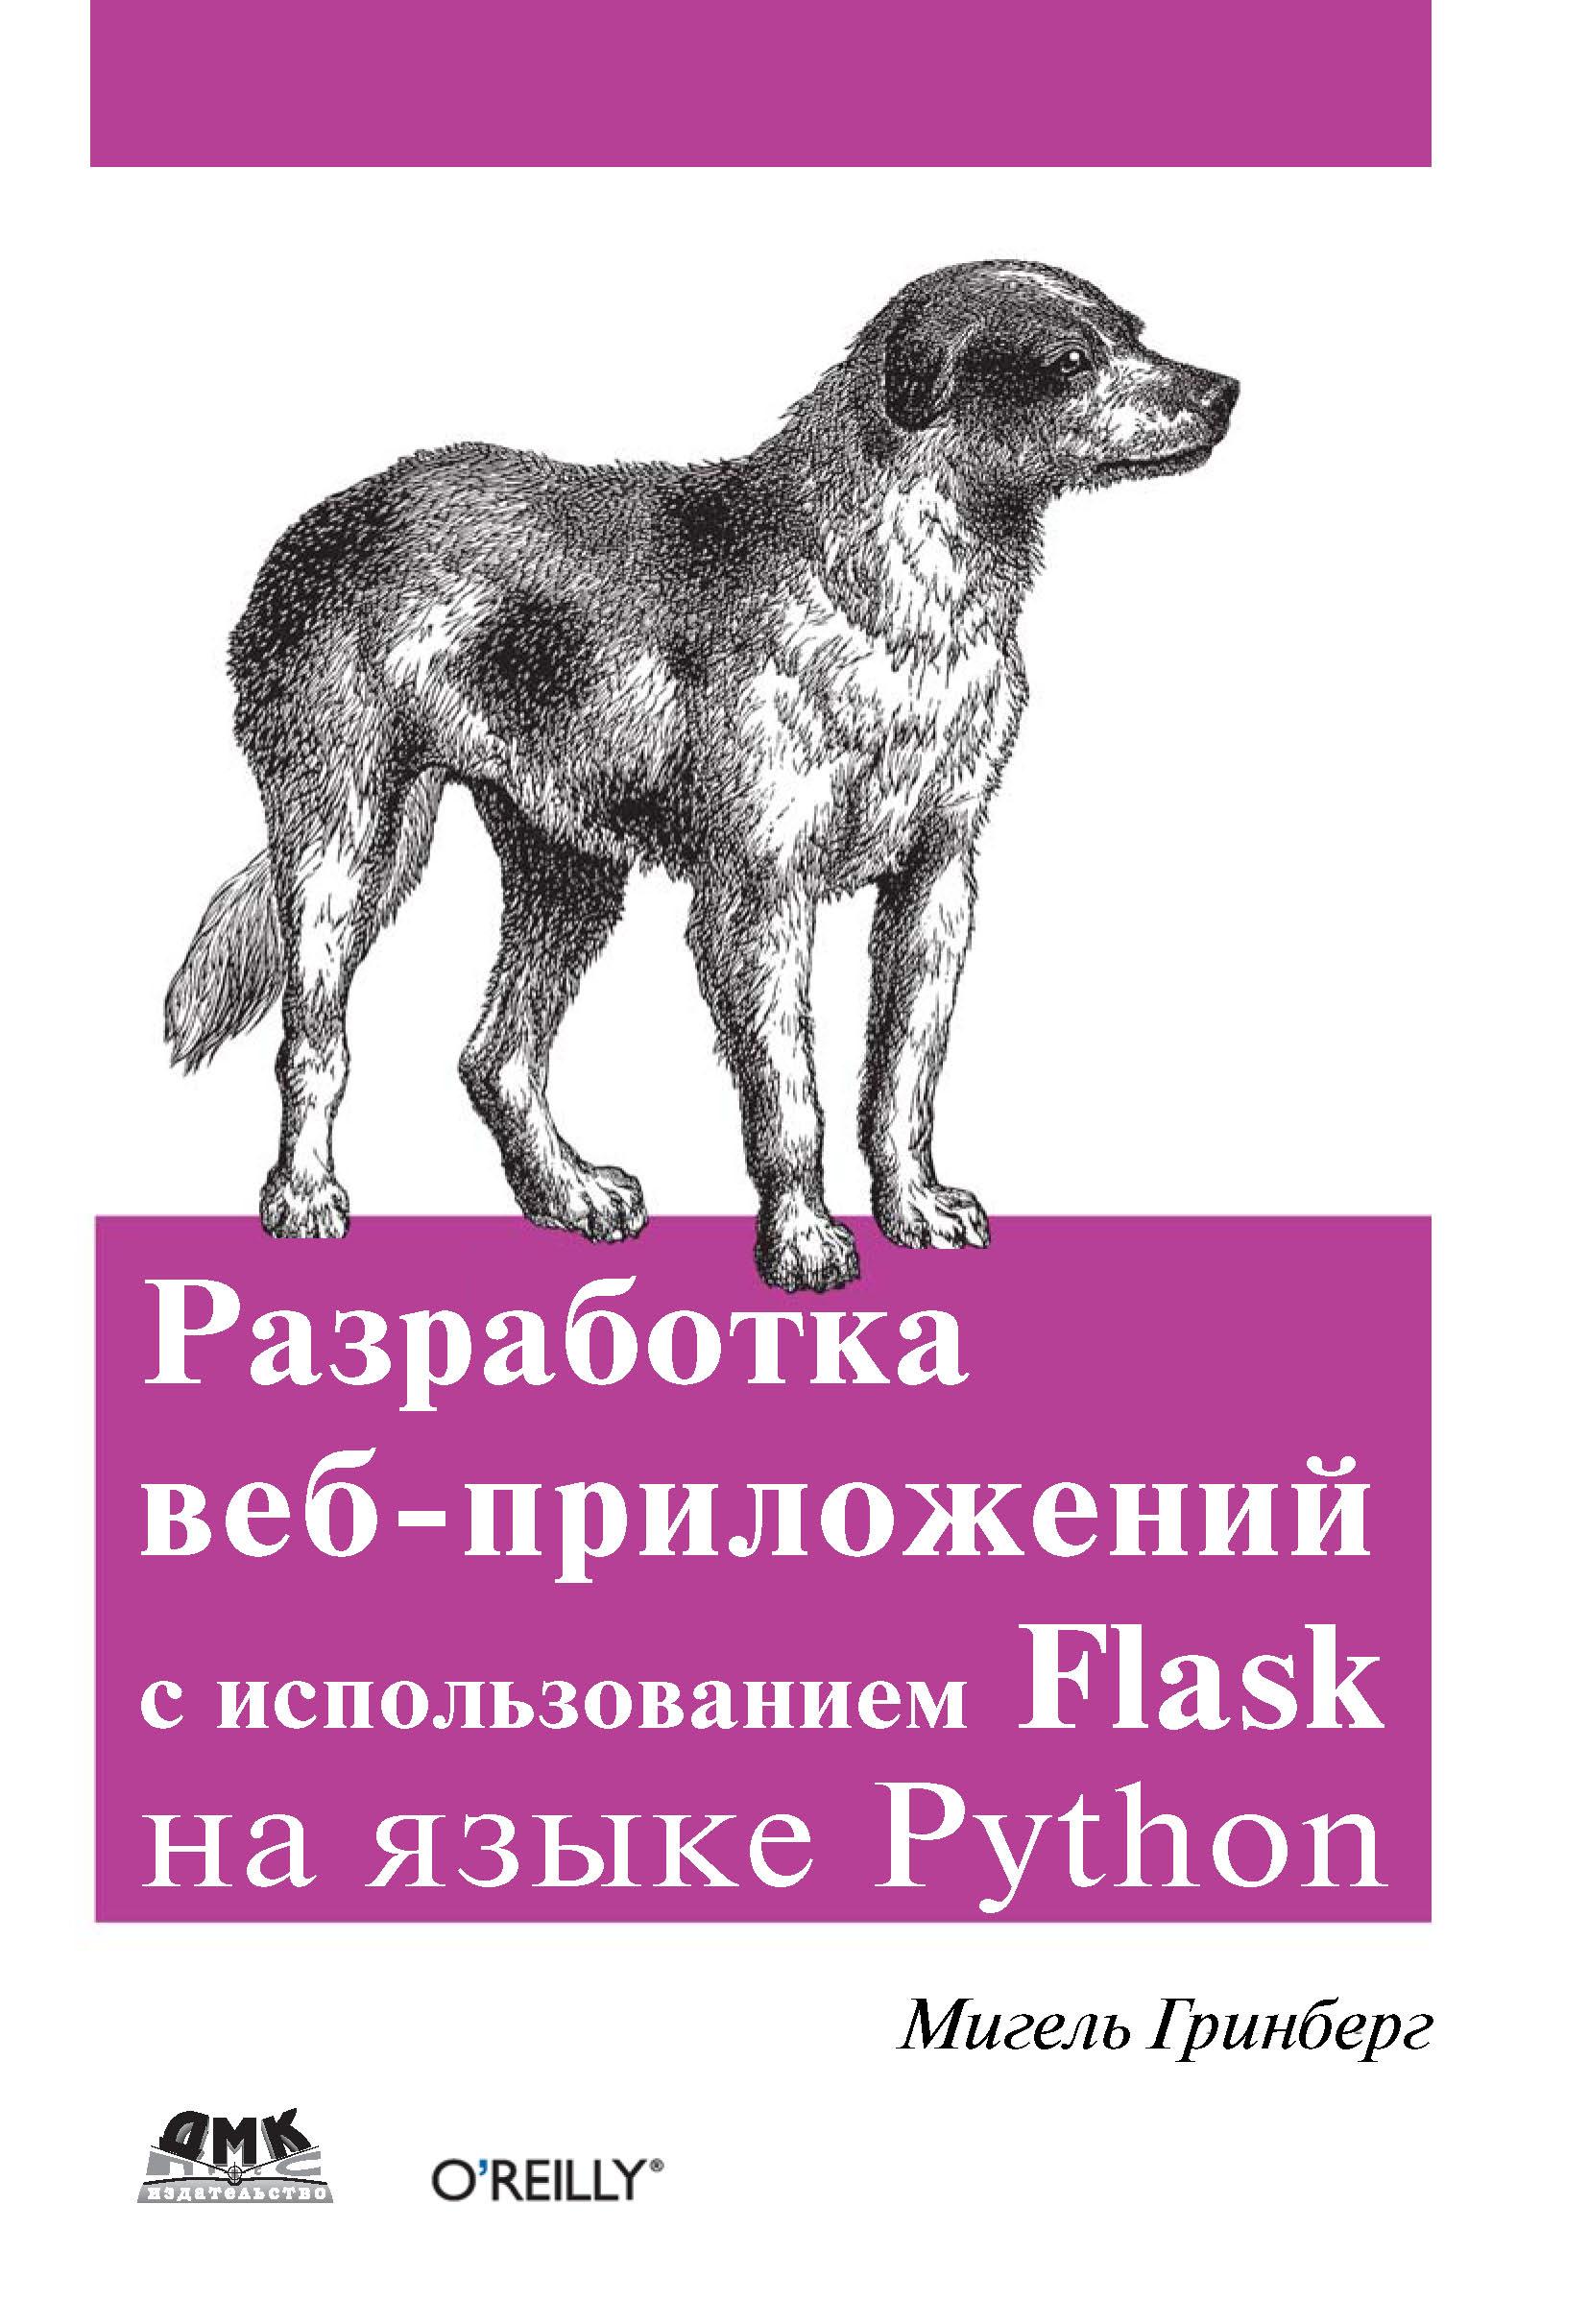 Фото - Мигель Гринберг Разработка веб-приложений с использованием Flask на языке Python мигель гринберг разработка веб приложений с использованием flask на языке python